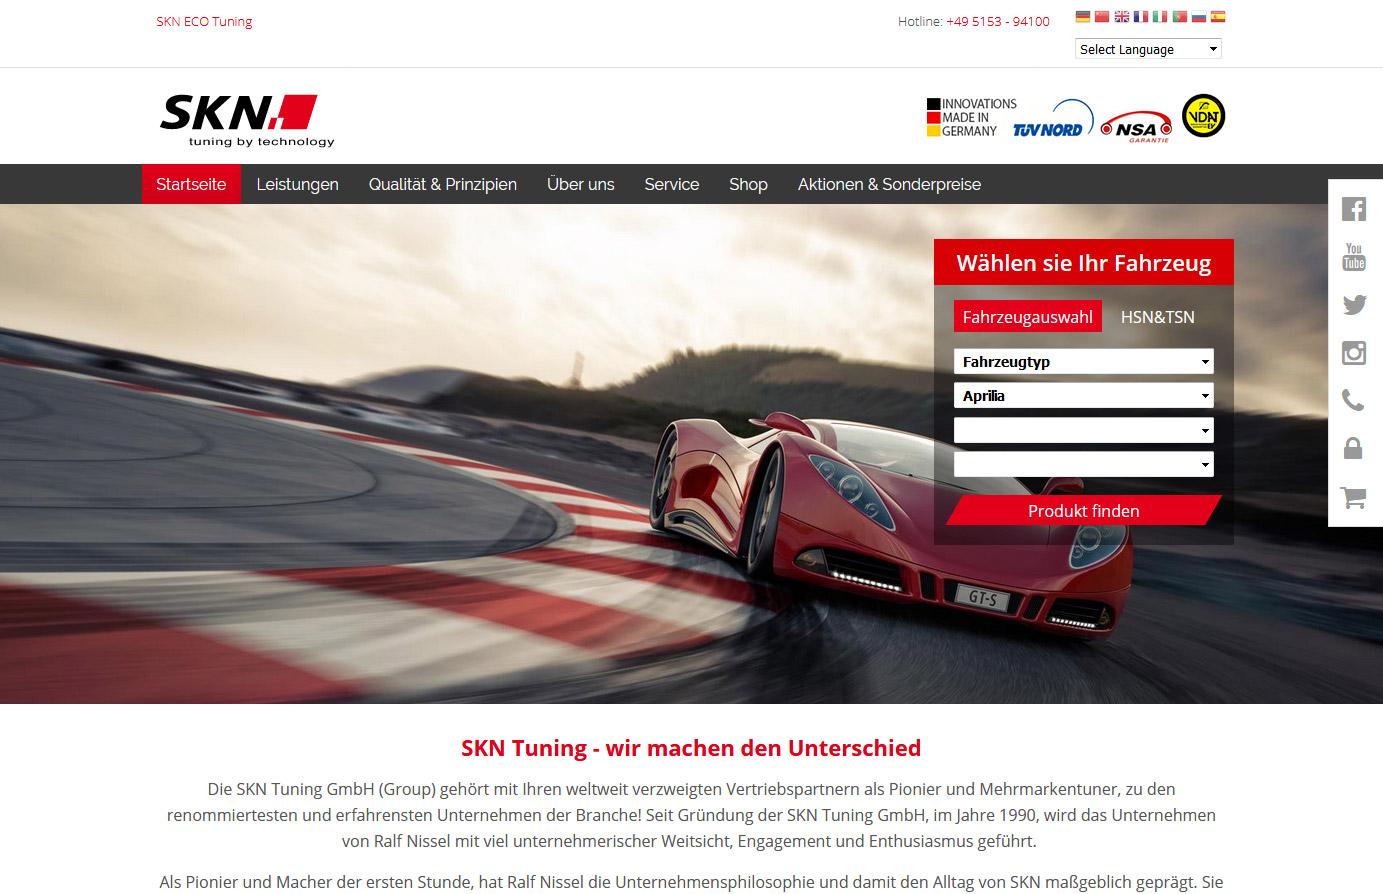 Relaunch - SKN Tuning Web/Shop